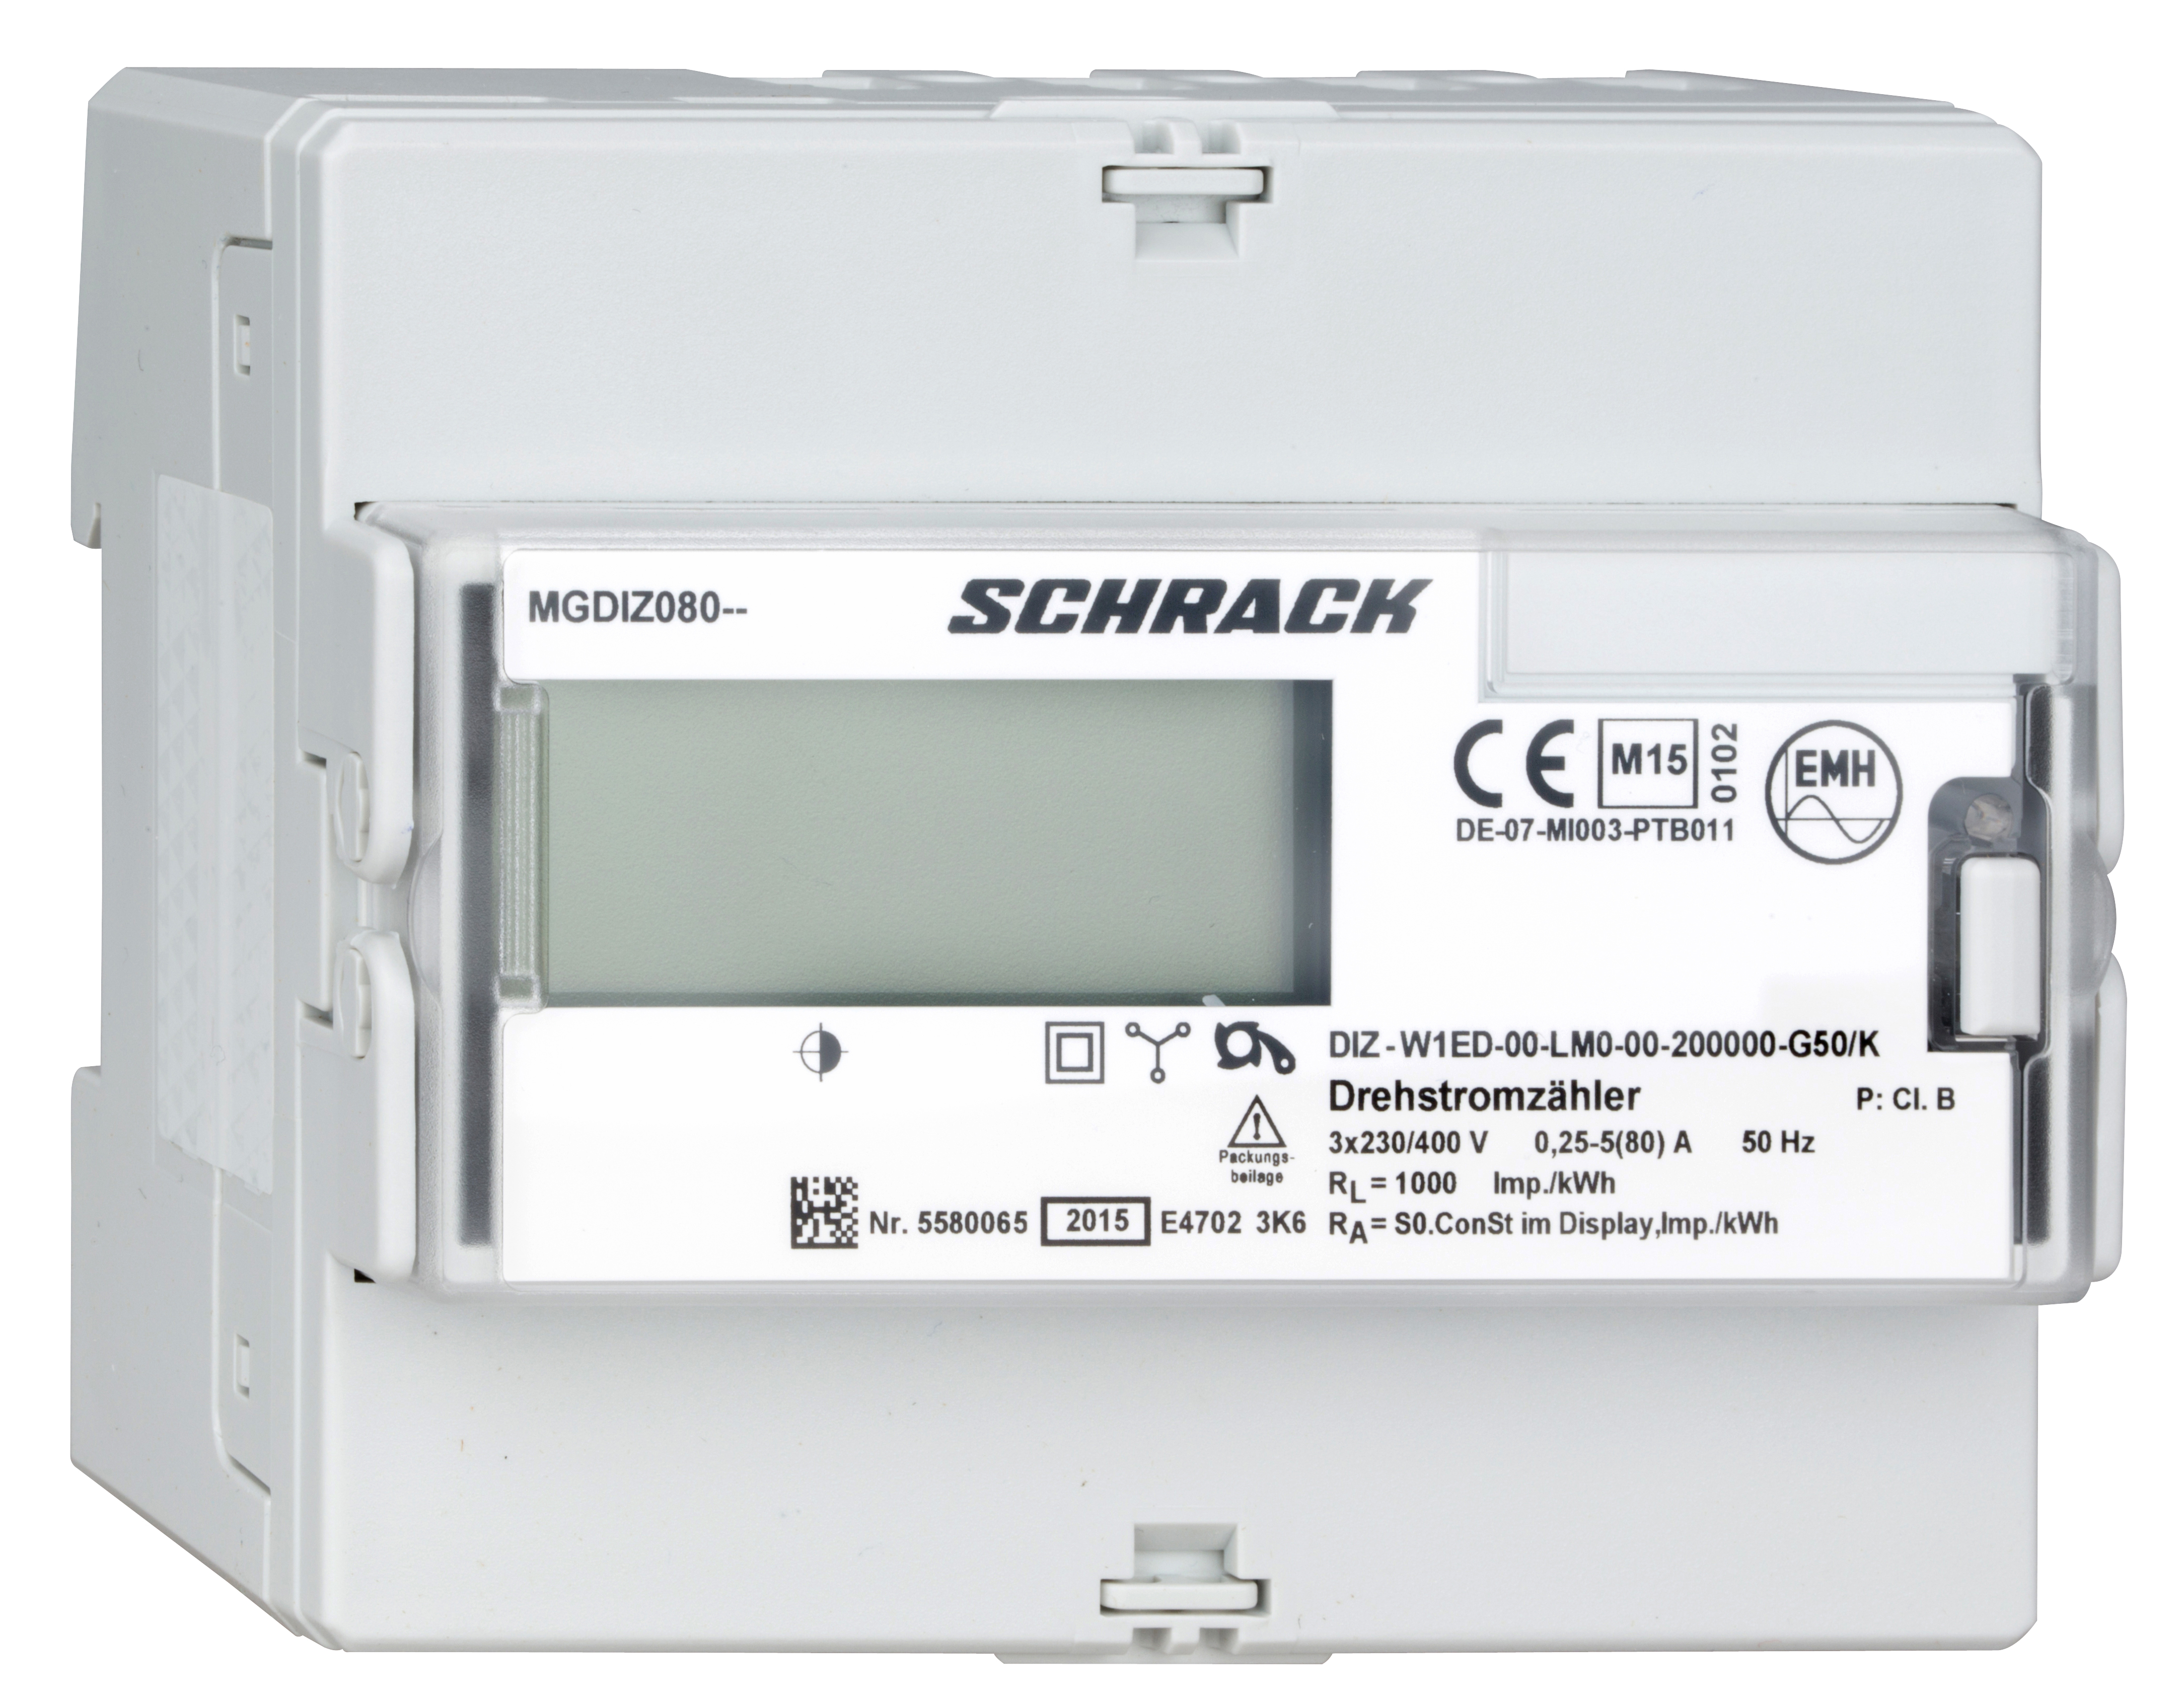 1 Stk Digitaler kWh-Zähler, direkt 80A, RE MGDIZ080--